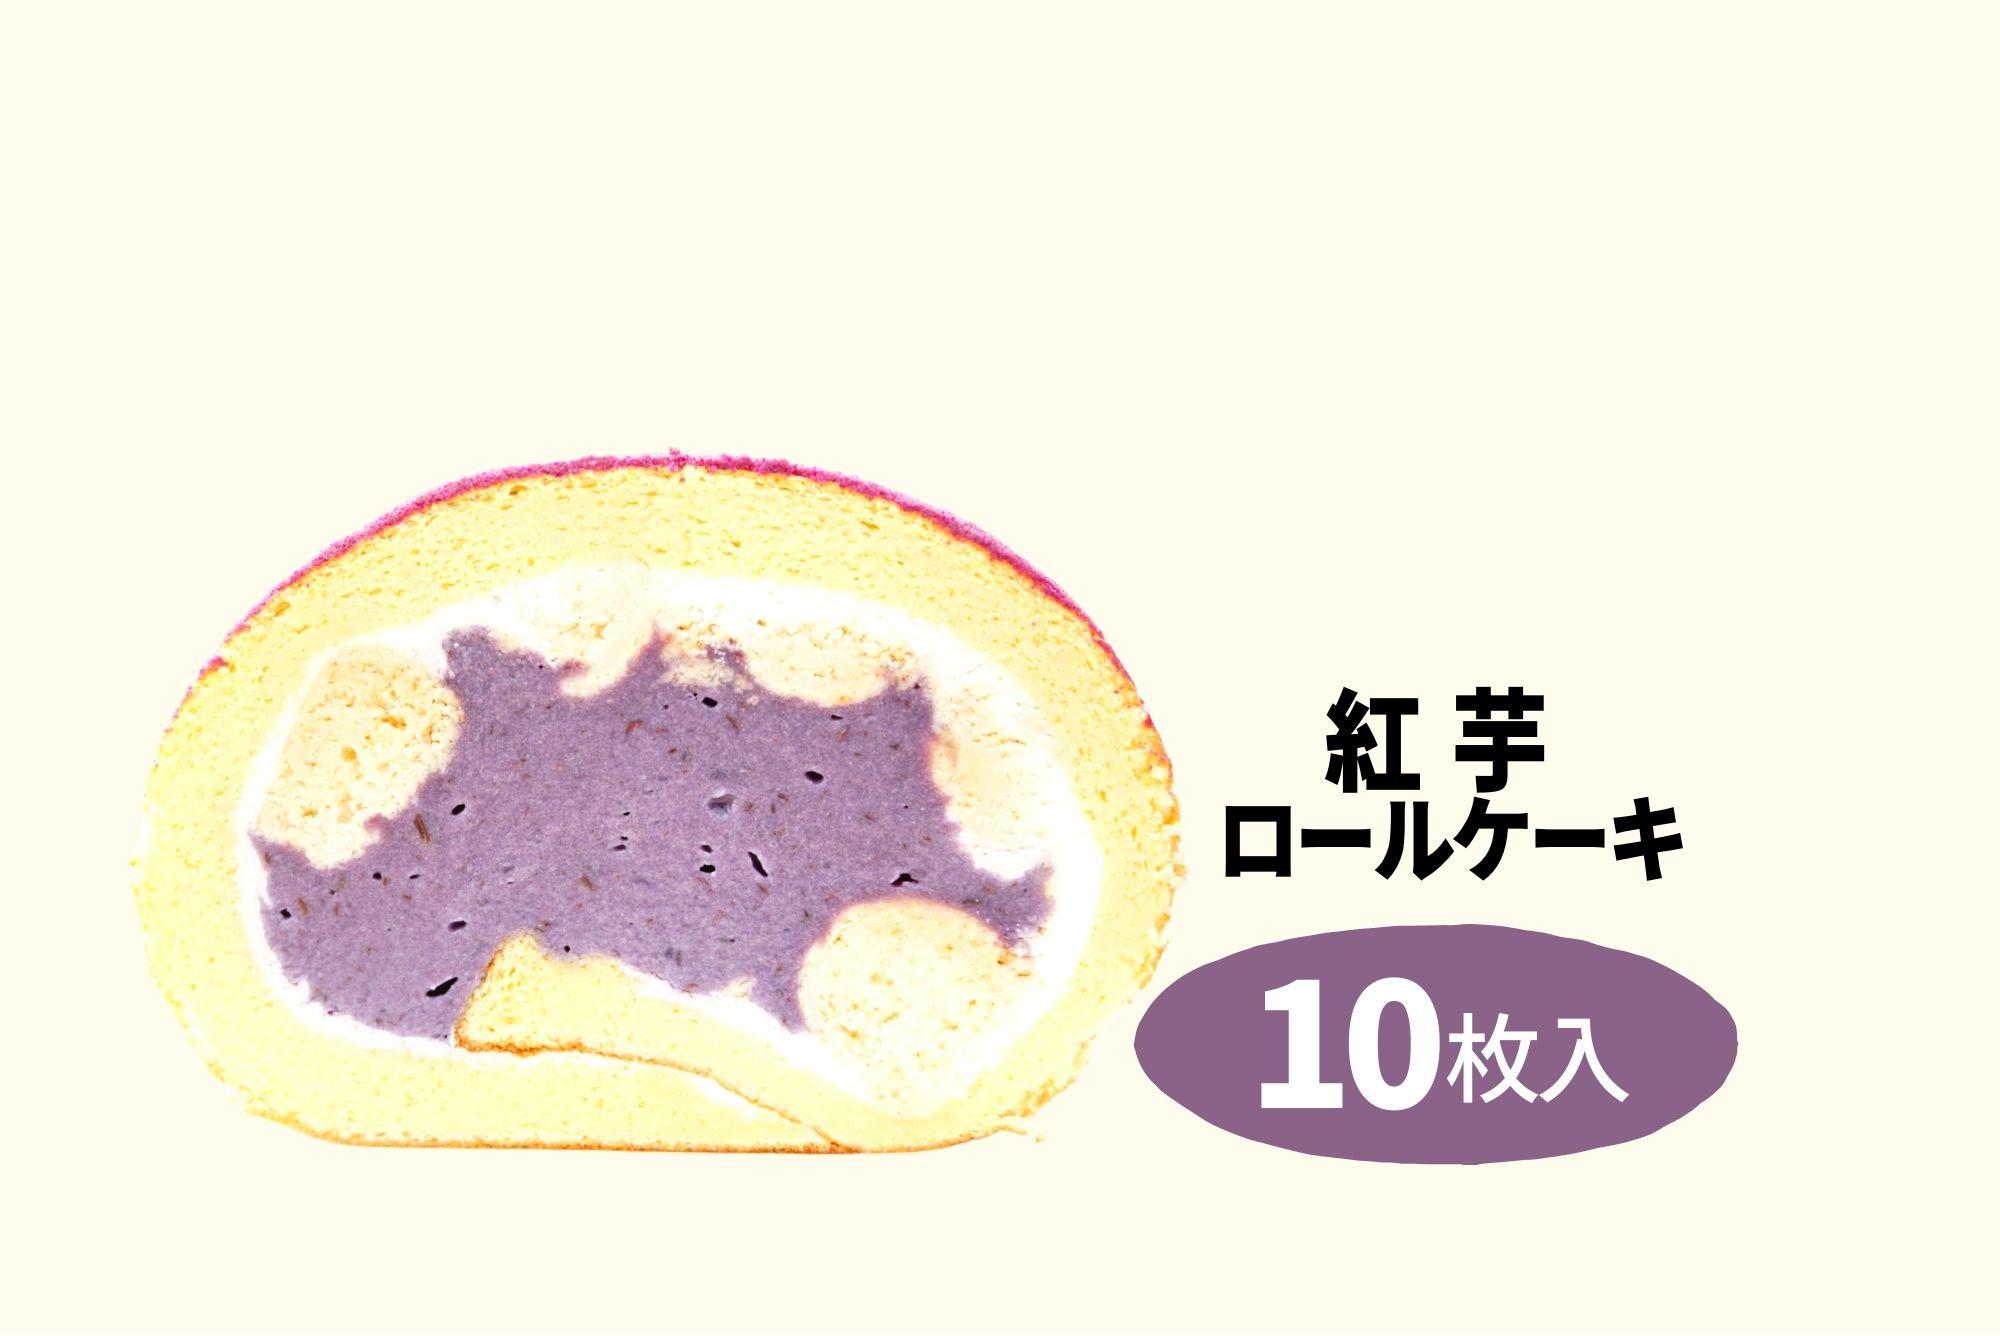 YUNAMI FACTORYオリジナル 冷凍 紅芋ロールケーキ 10コ入り